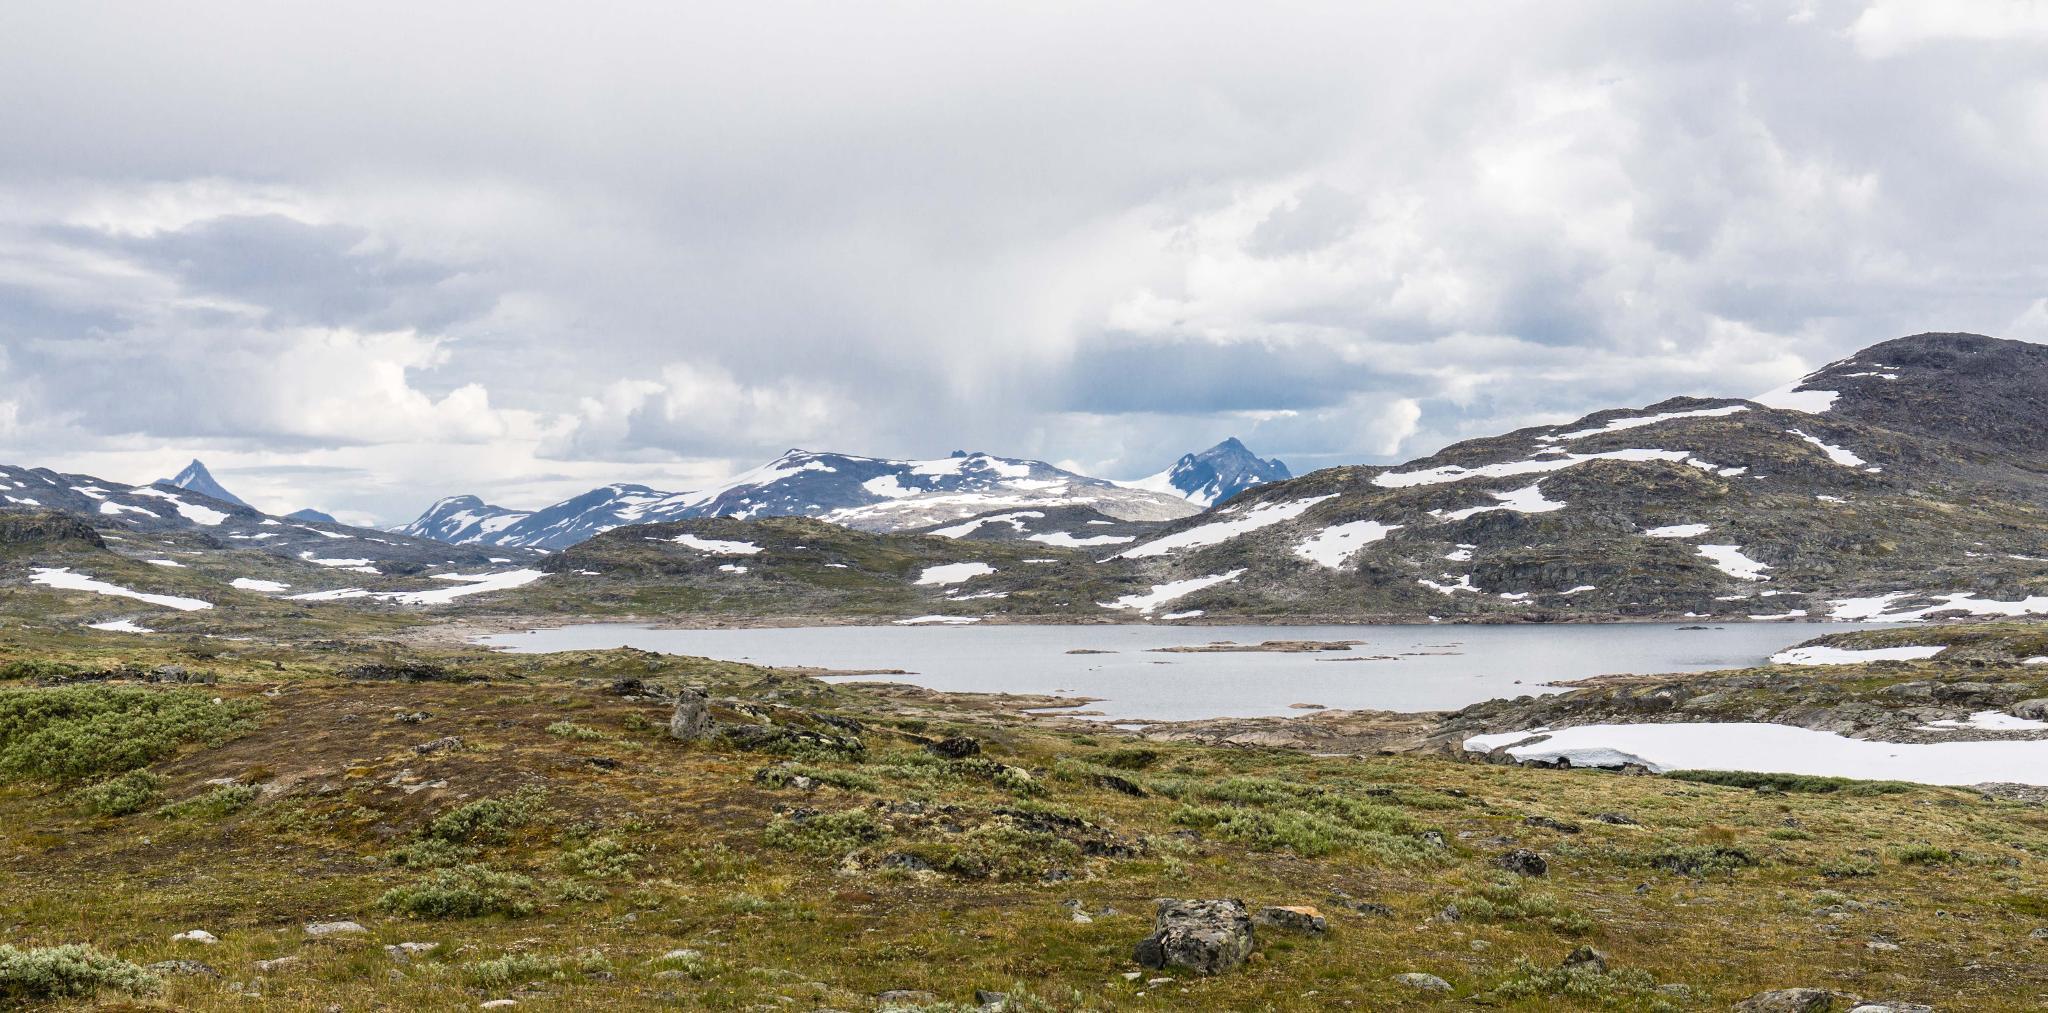 【北歐景點】穿越挪威的屋脊 - 前進北歐最美的冰原景觀公路 Fv55松恩山路 (Sognefjellet) 31